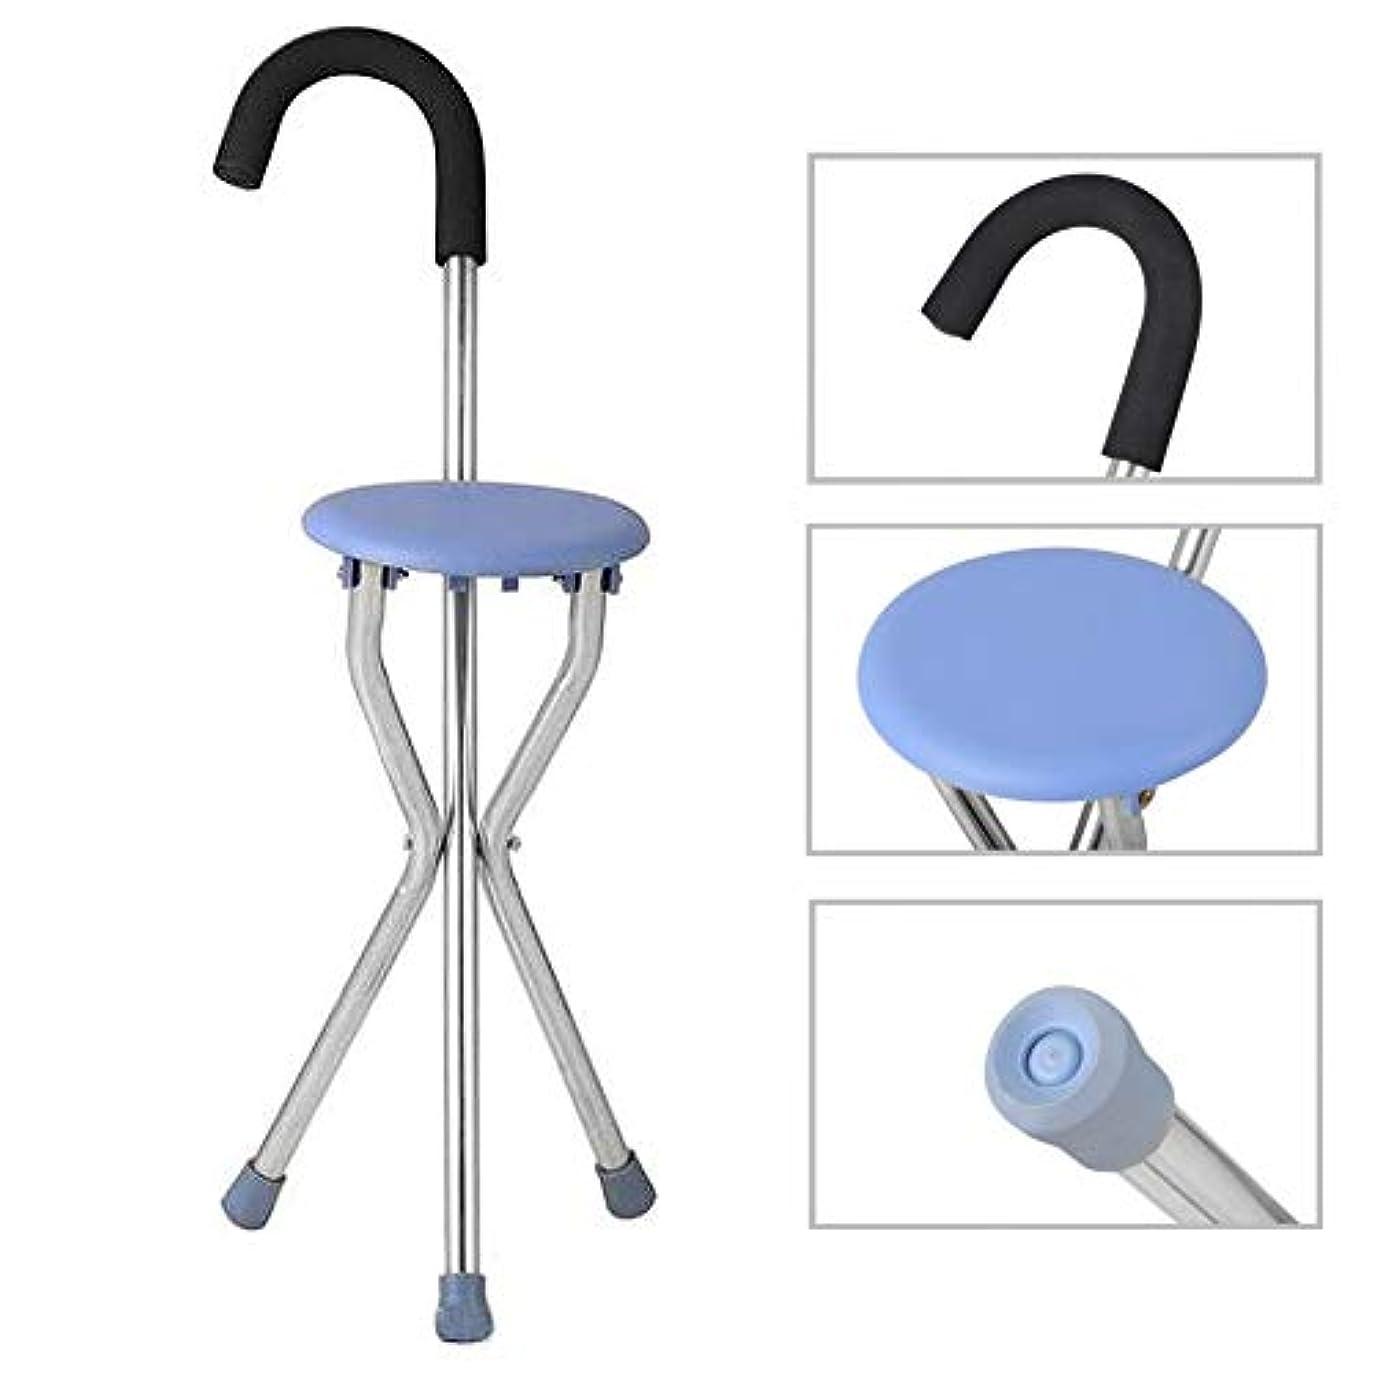 後世ブランデーハッチ厚いステンレス製の杖の腰掛け、高齢者の松葉杖の腰掛け、折りたたみ椅子、杖の椅子、杖のベンチを歩く